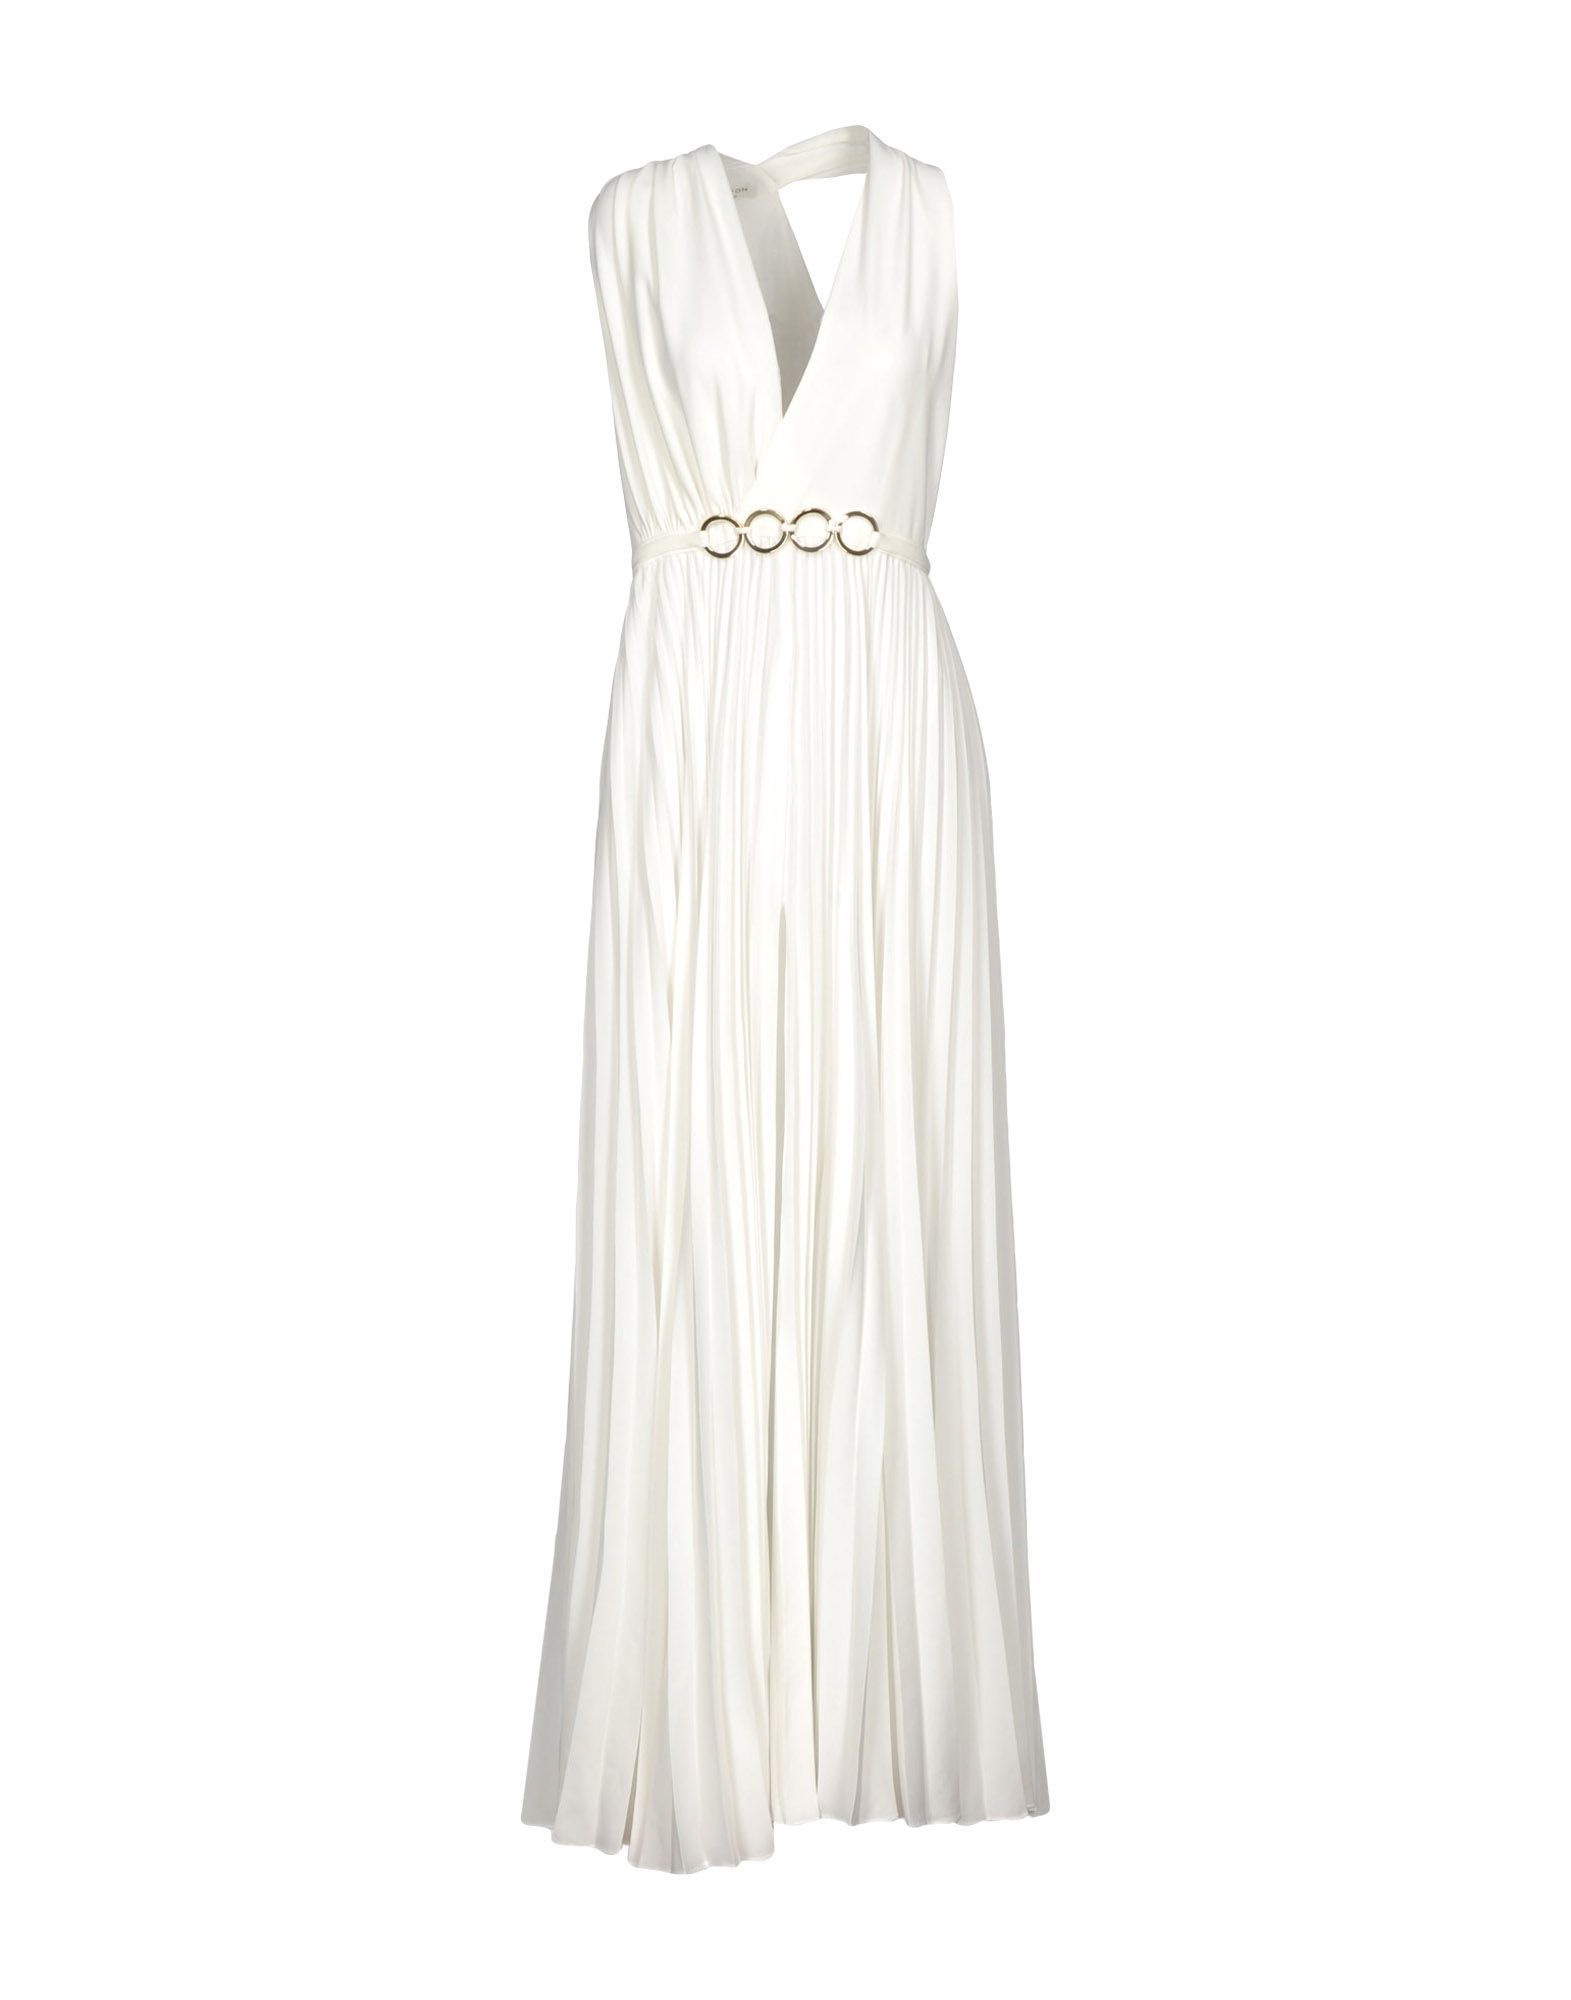 платье halston heritage платья и сарафаны мини короткие HALSTON HERITAGE Длинное платье